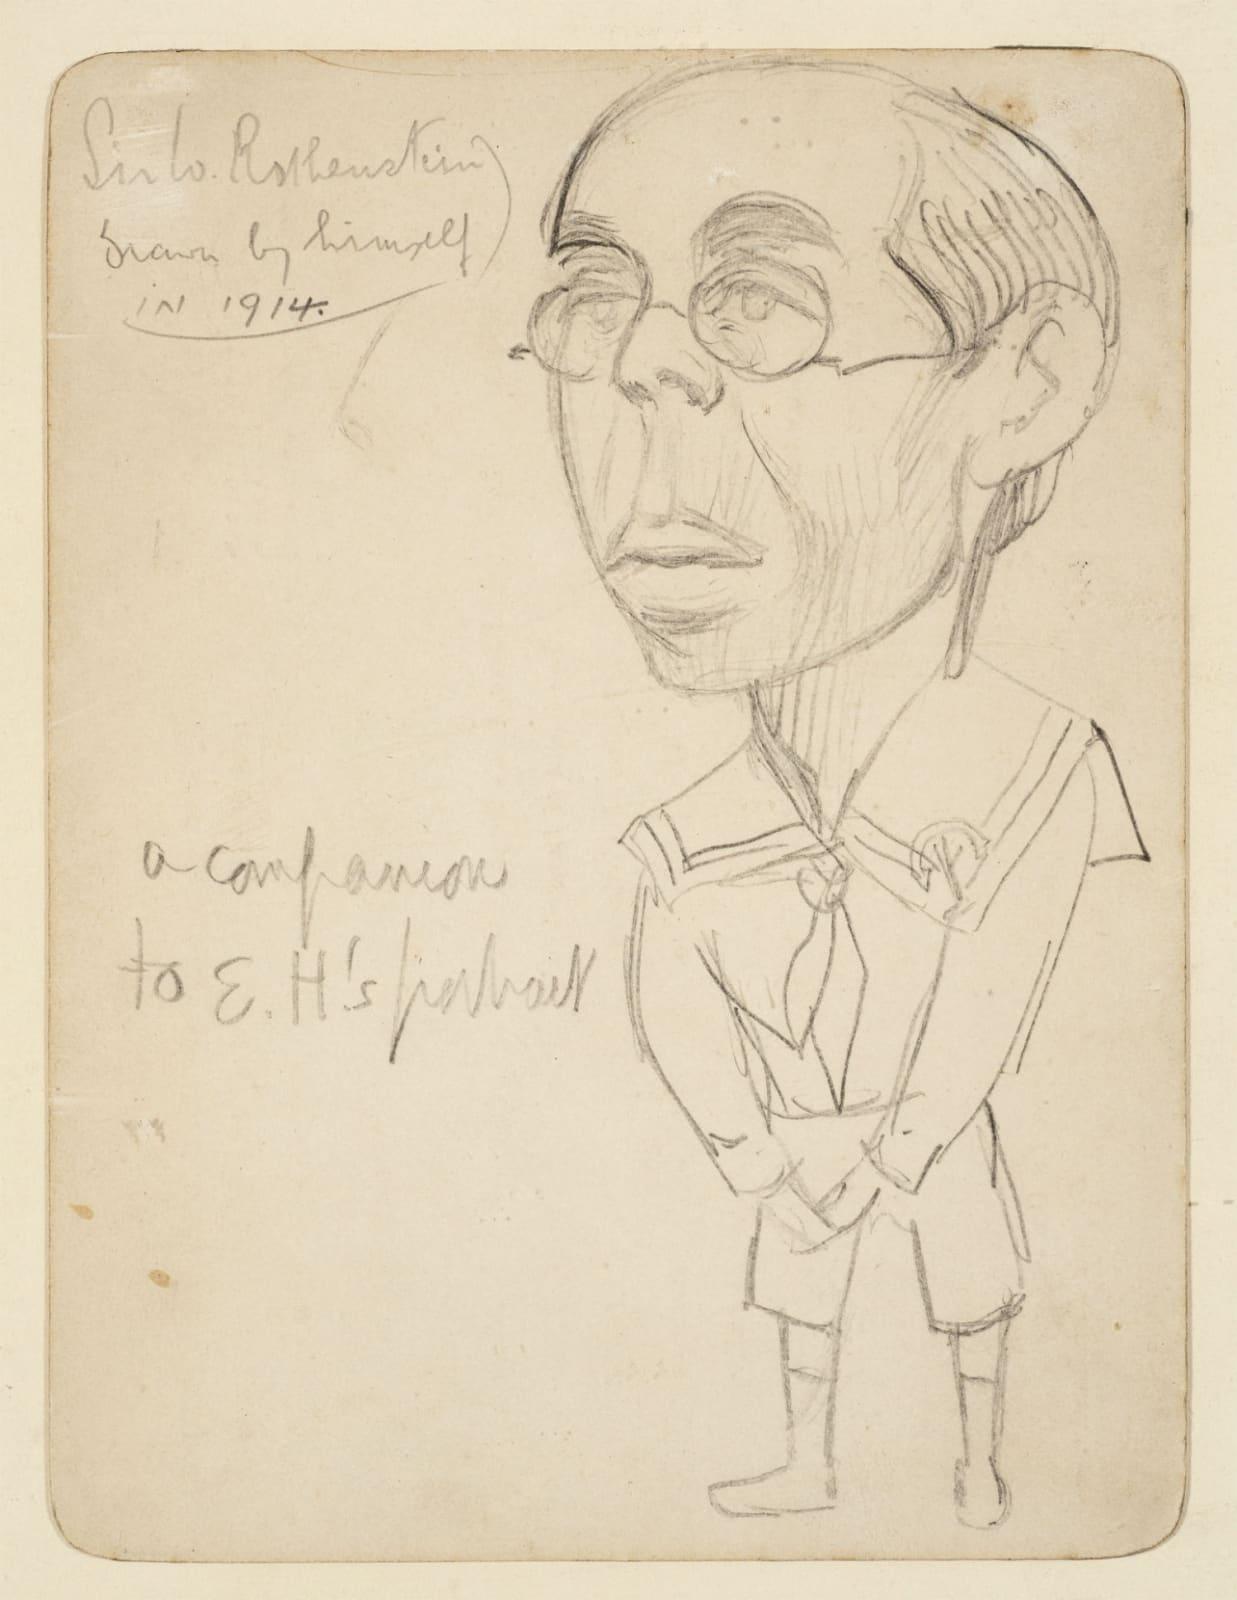 William Rothenstein (1872-1945) Self Portrait 1914 Pencil on paper 15.24 x 11.43 cm Ben Uri Collection